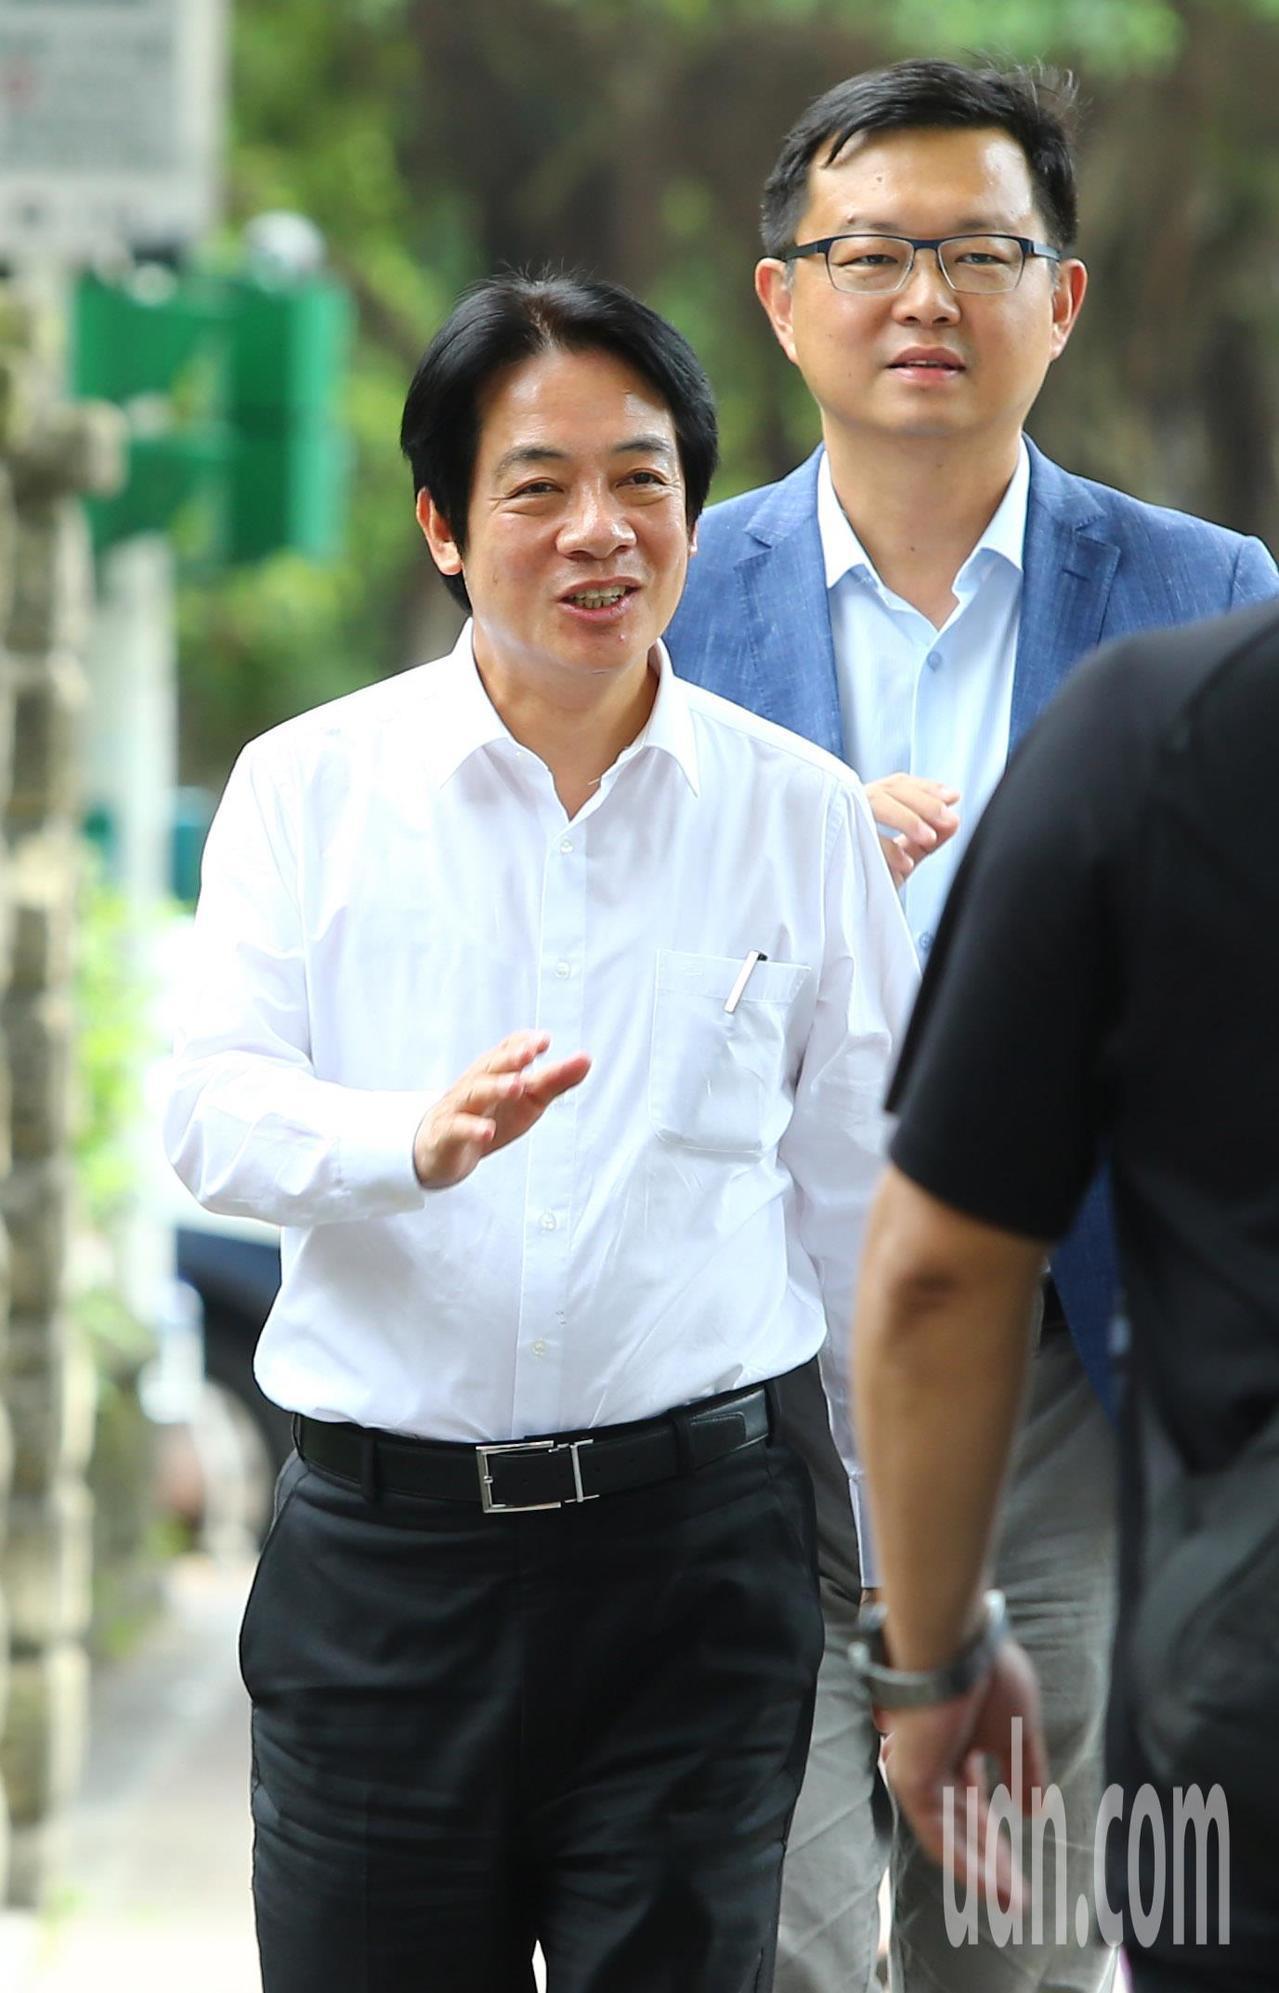 台灣健康空氣行動聯盟等團體發起「周五為未來 台灣站出來」遊行,賴清德出席。記者陳...